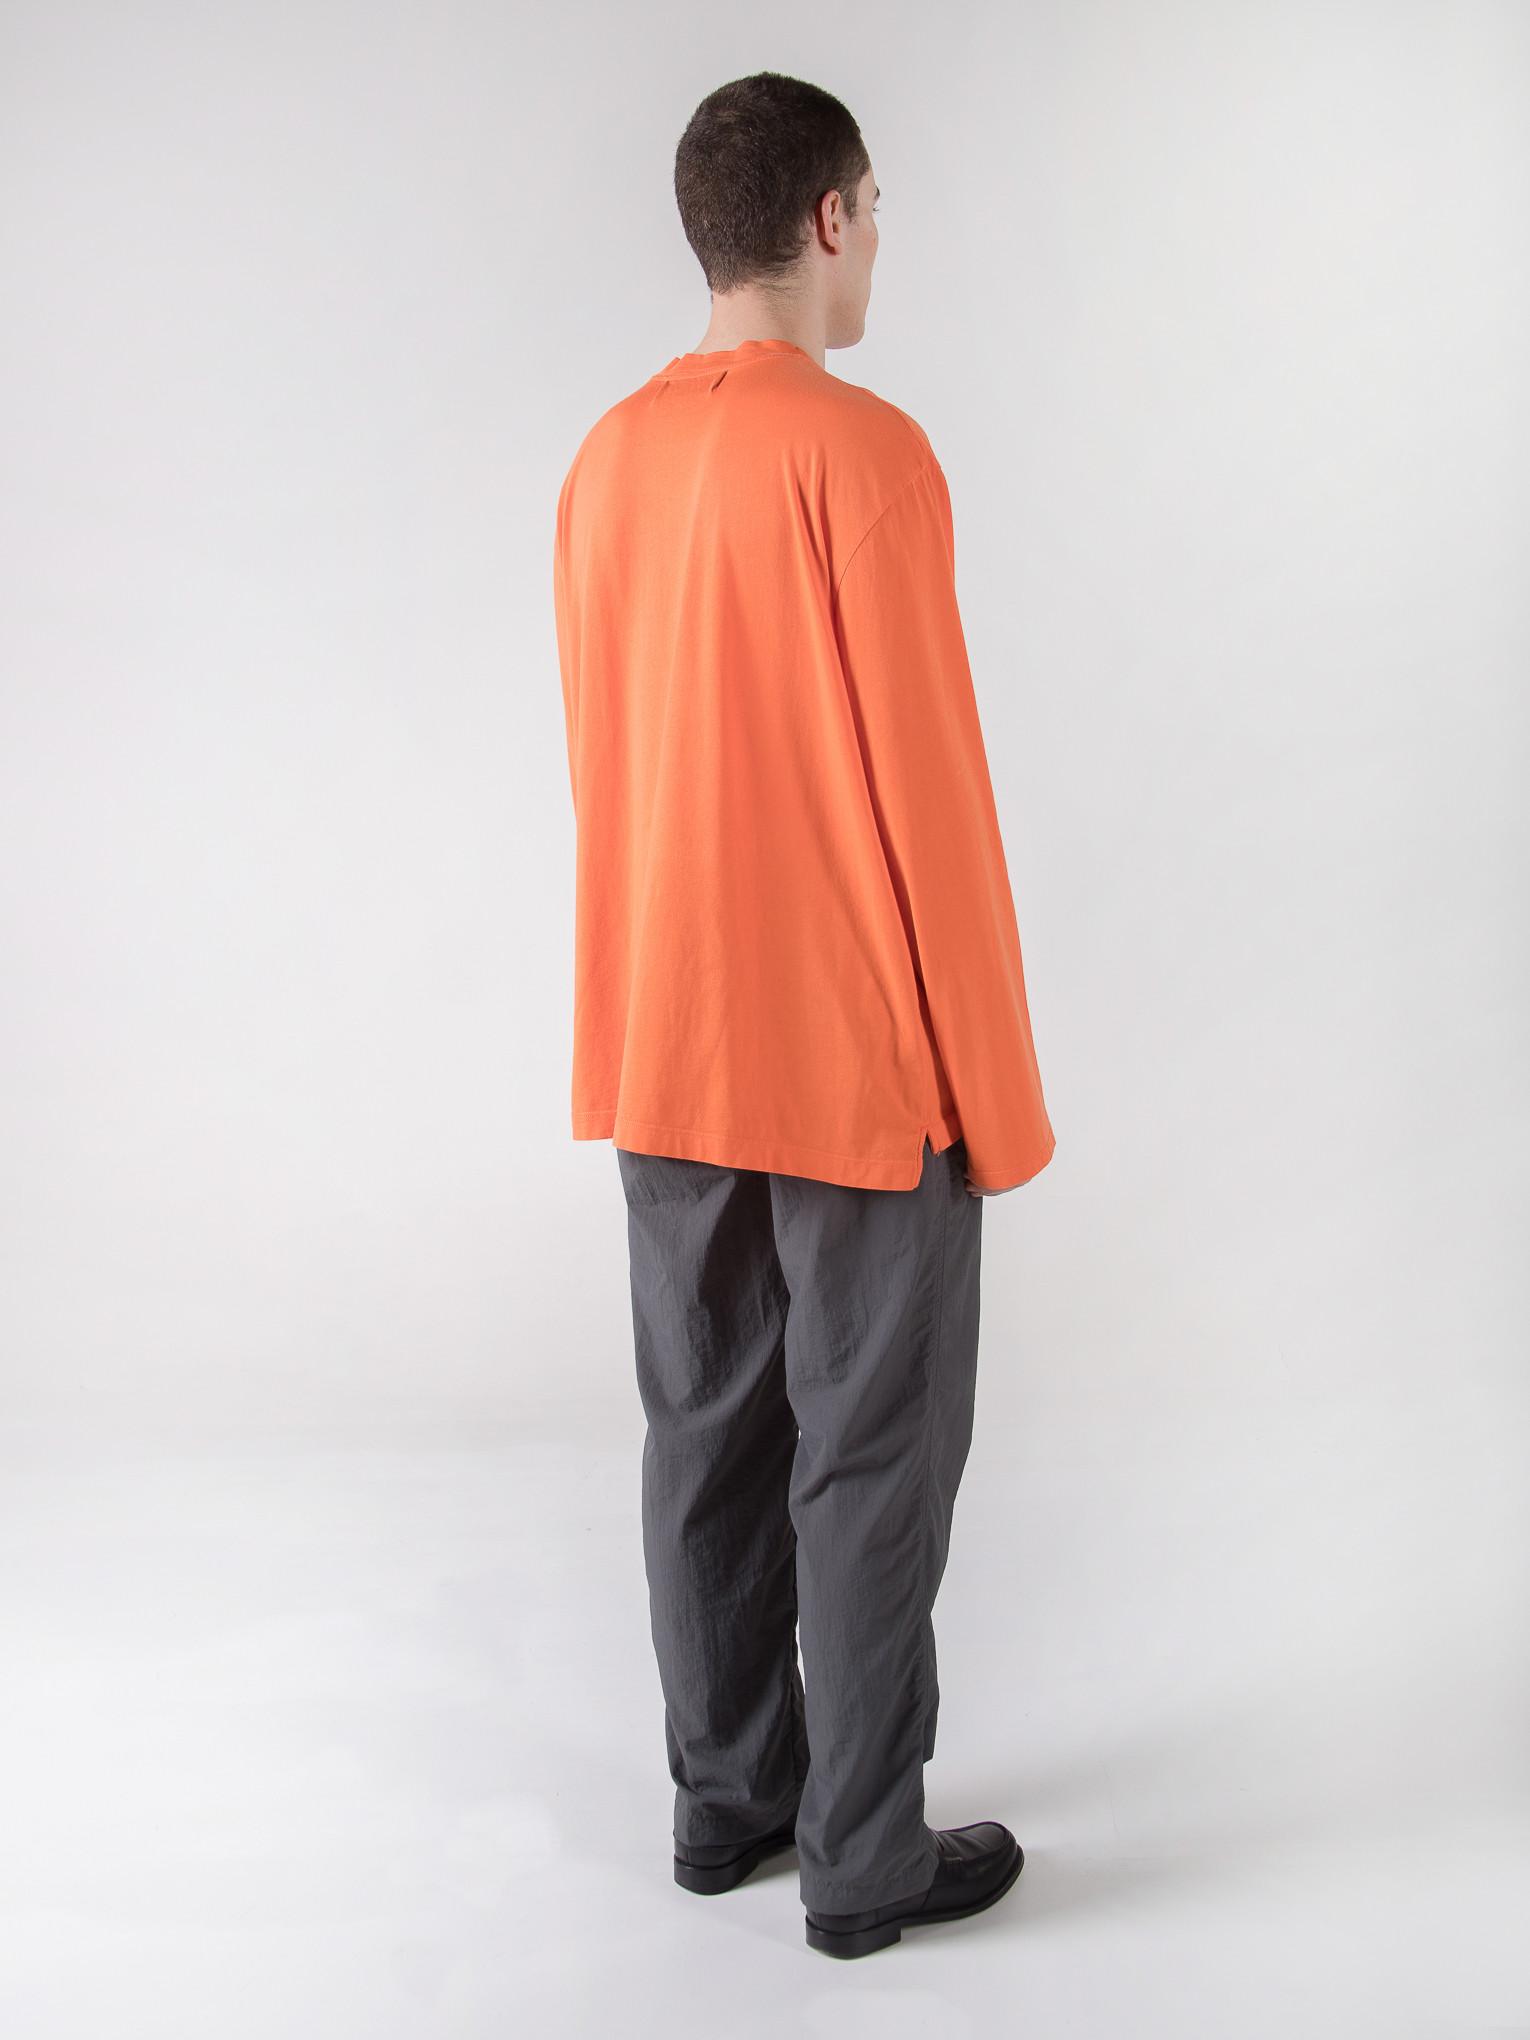 11_rold_skov_ss20_plantasia_orange_long-